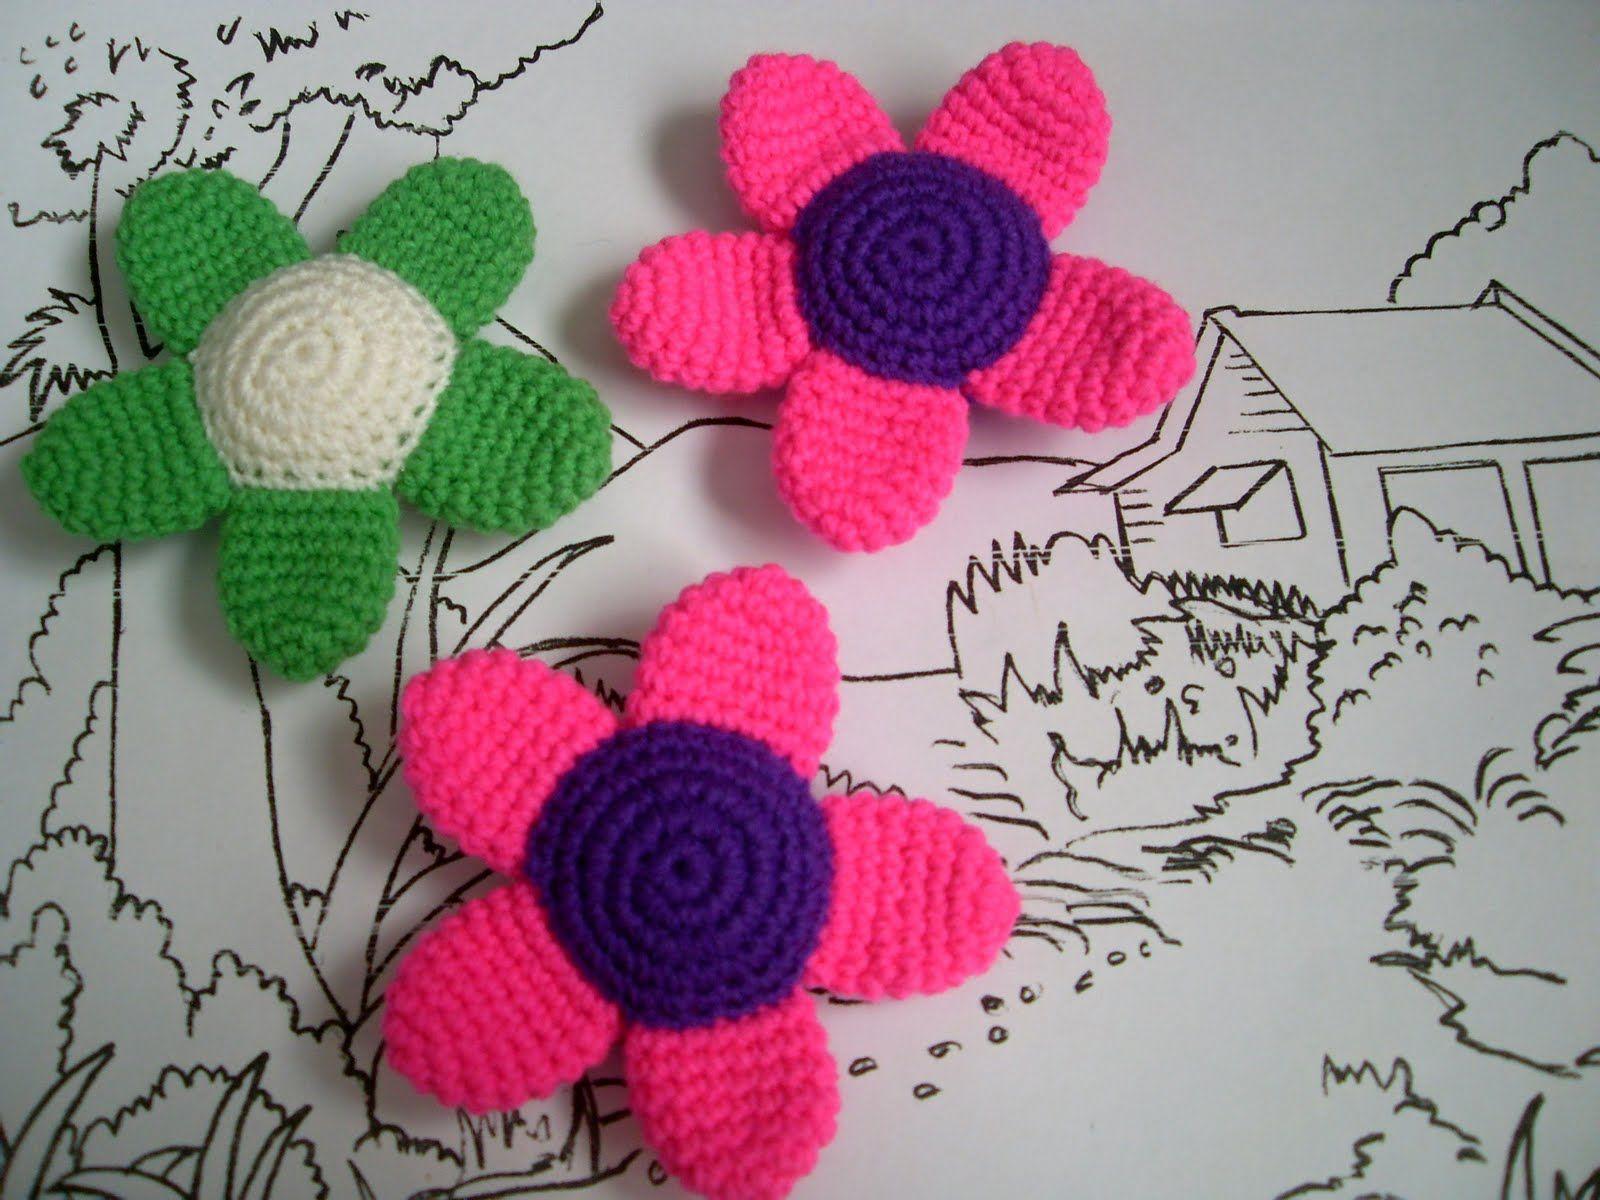 Amigurumi: how to choose yarn? – Tako-san | 1200x1600